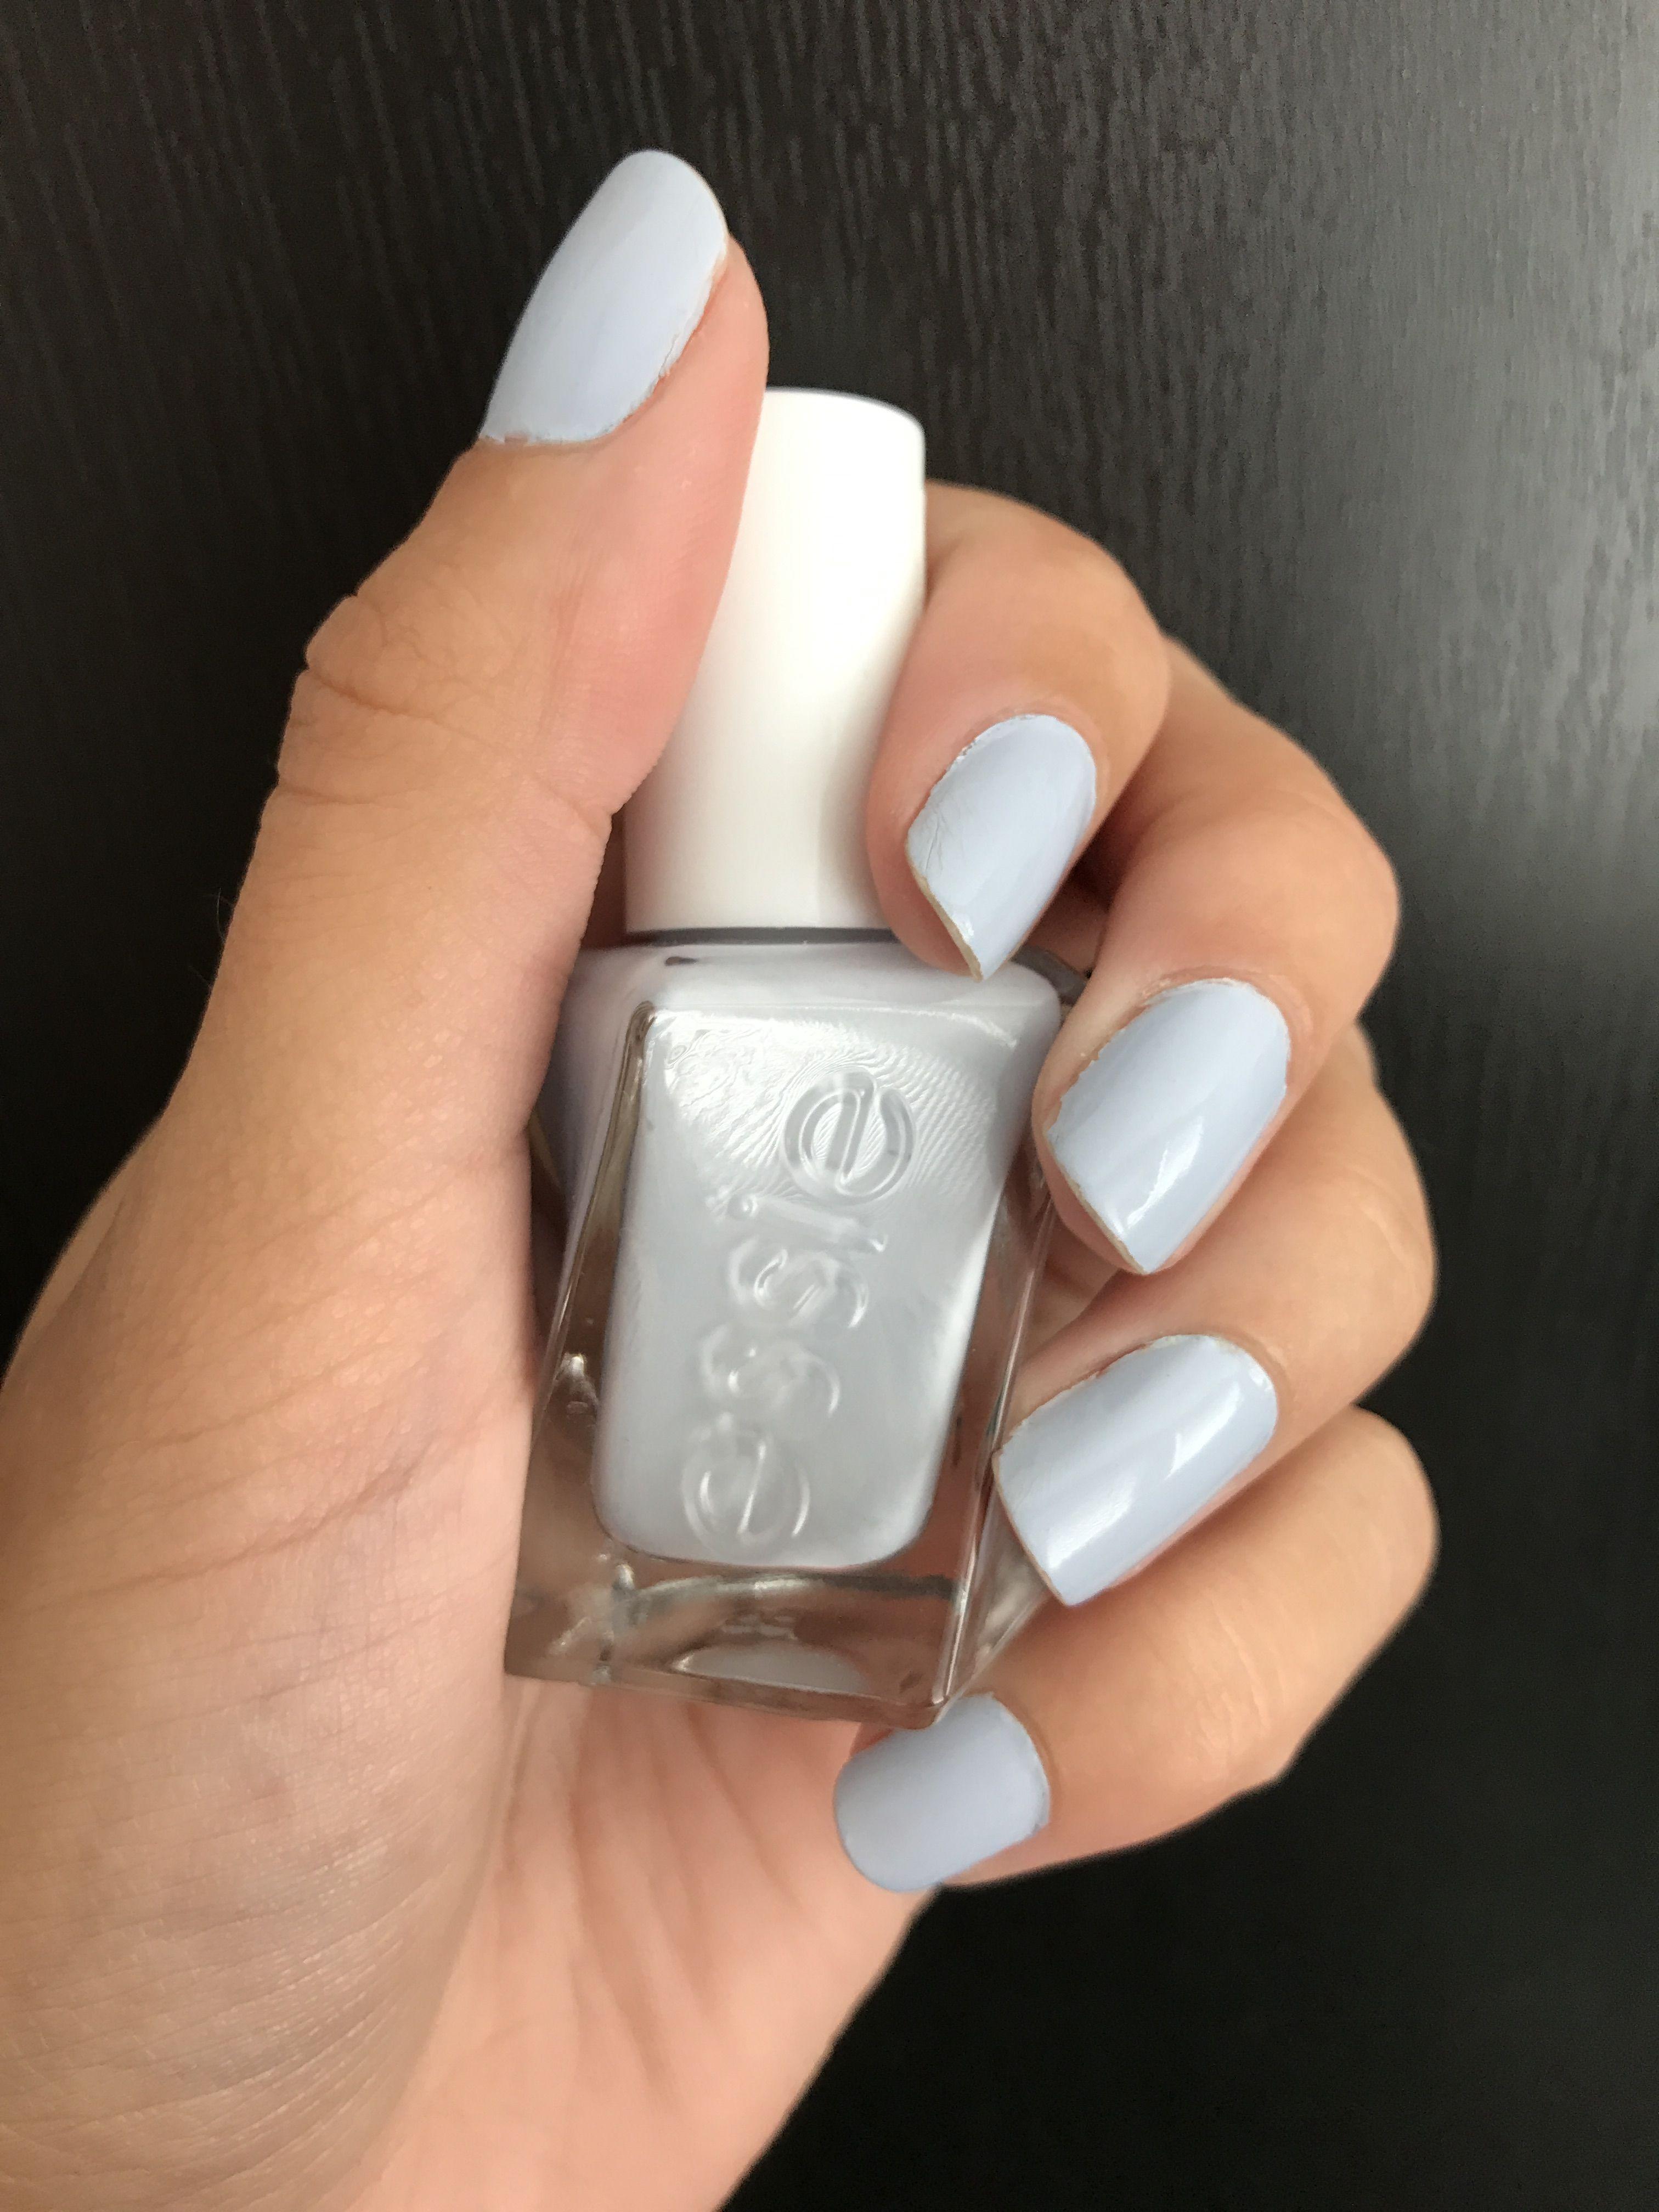 Essie Perfect posture nail polish | Make-up & Nails | Pinterest ...